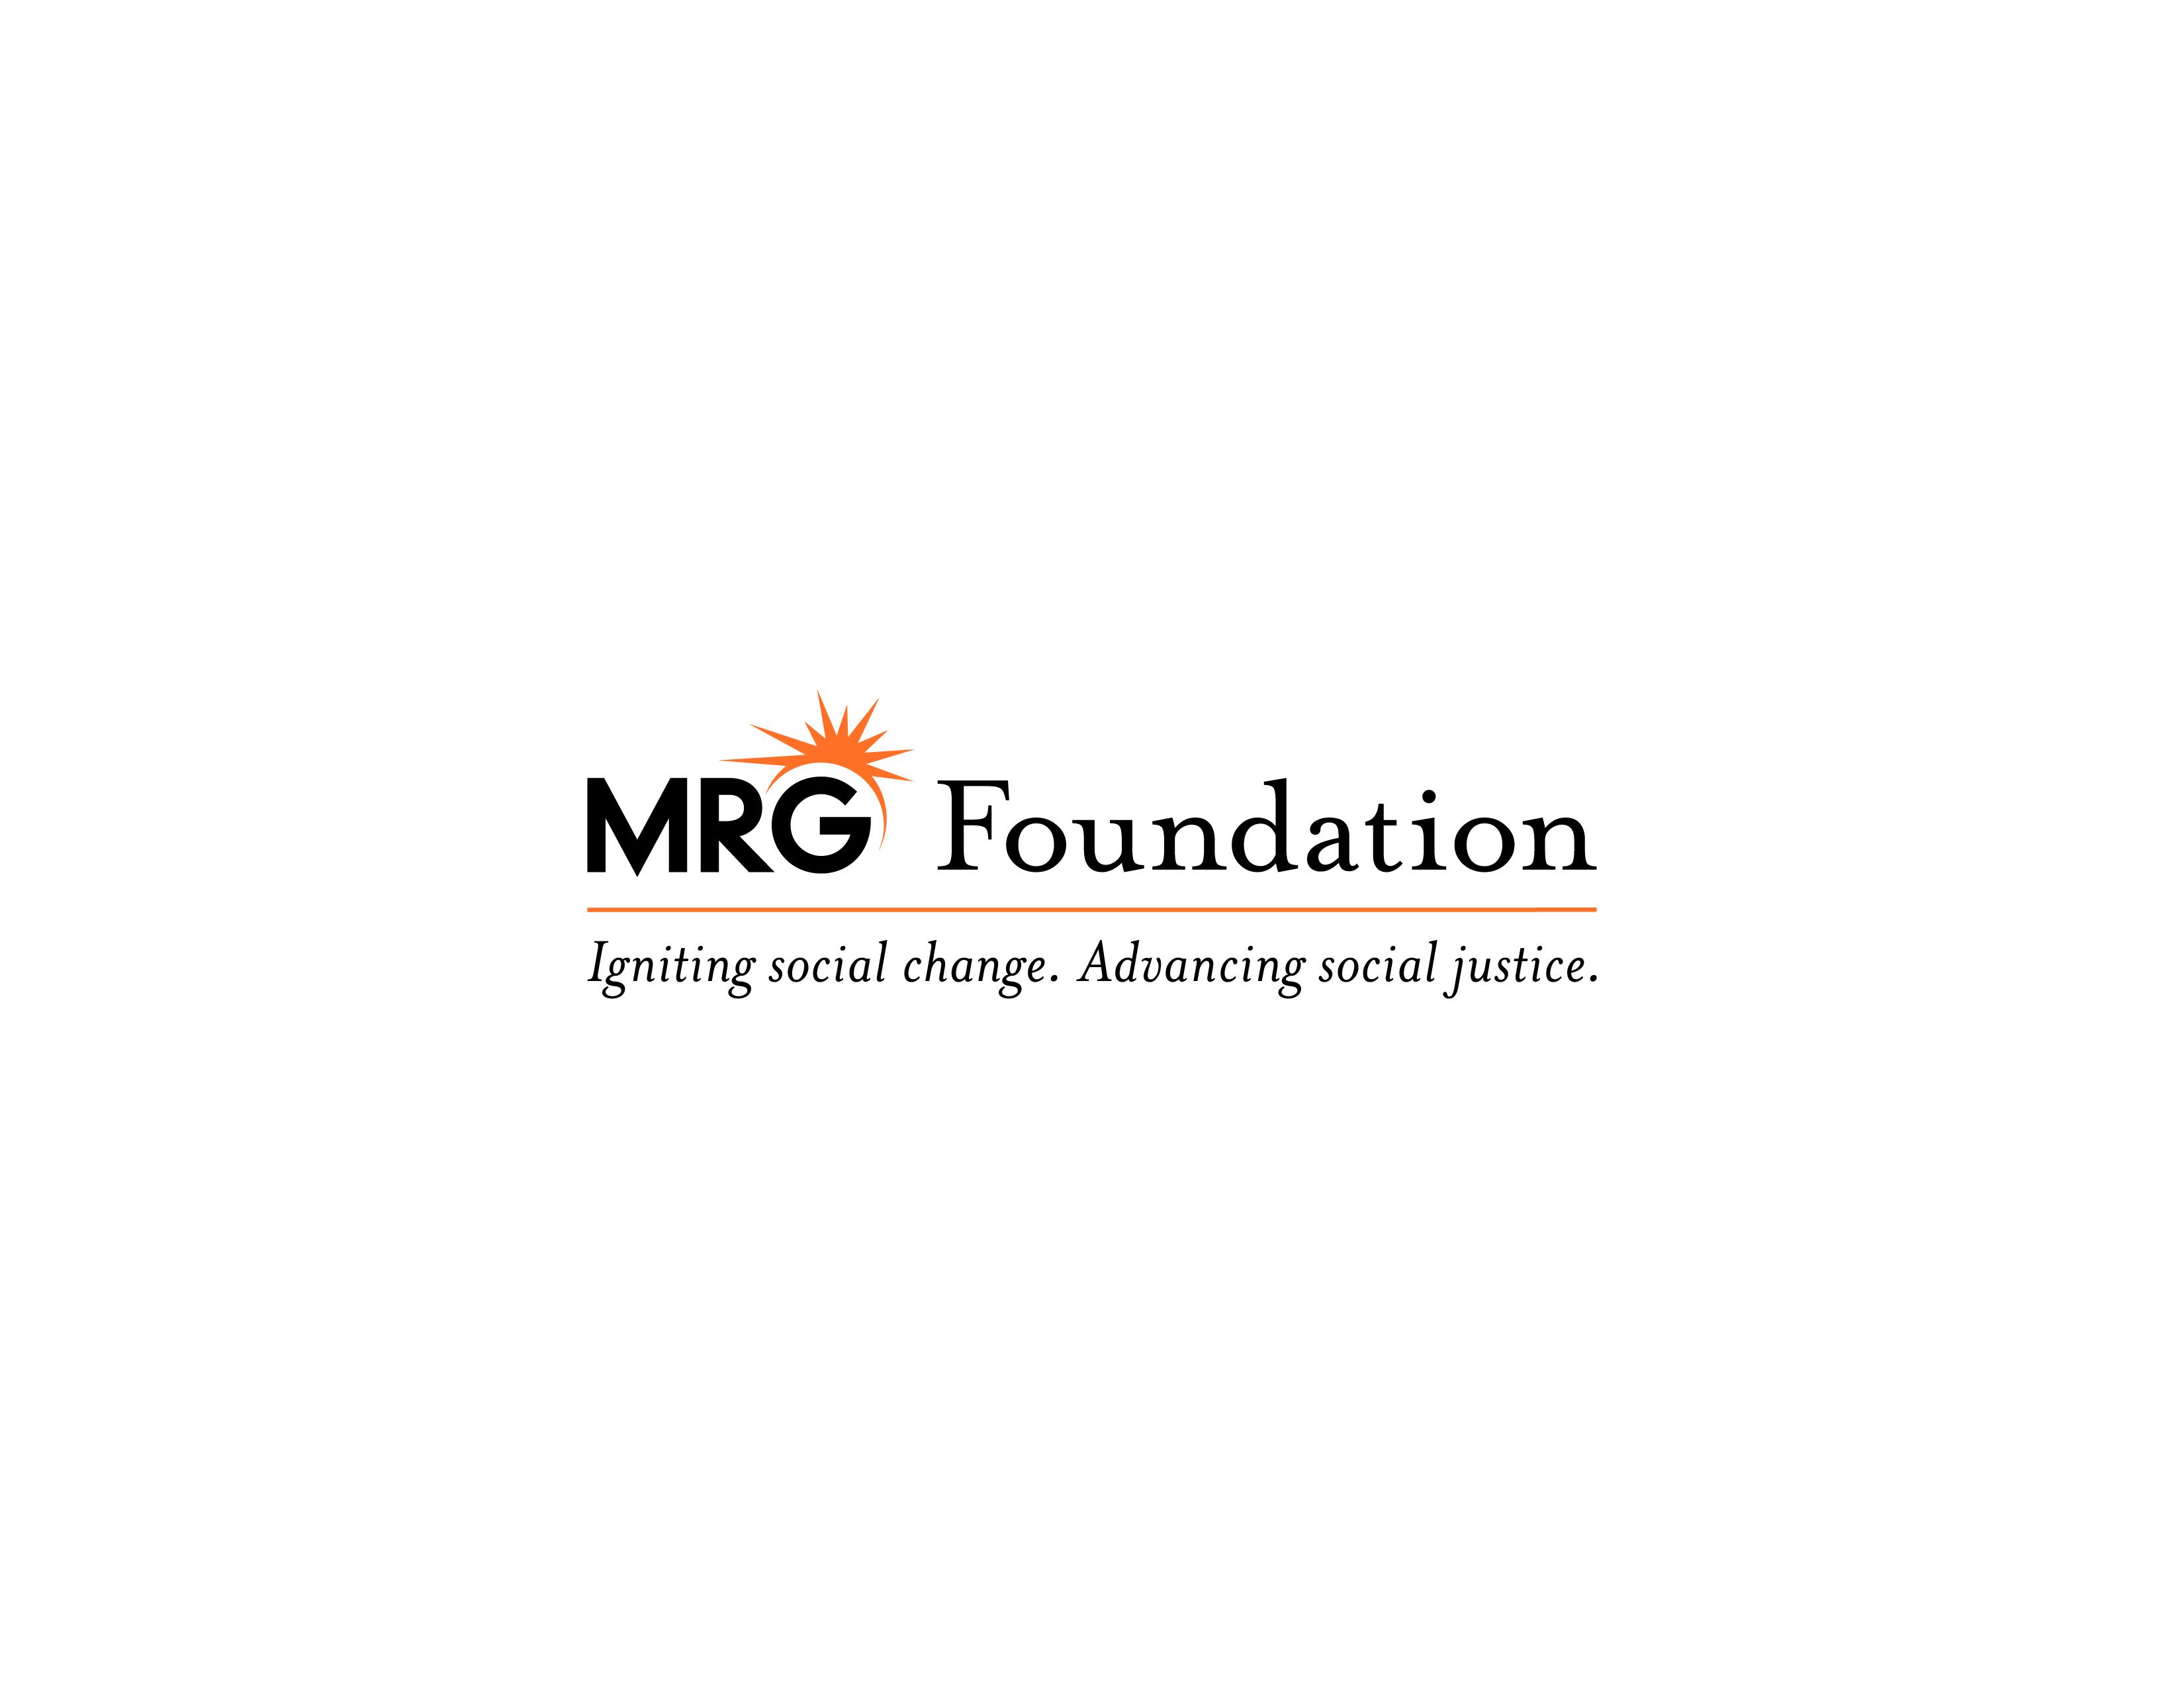 MRG Foundation